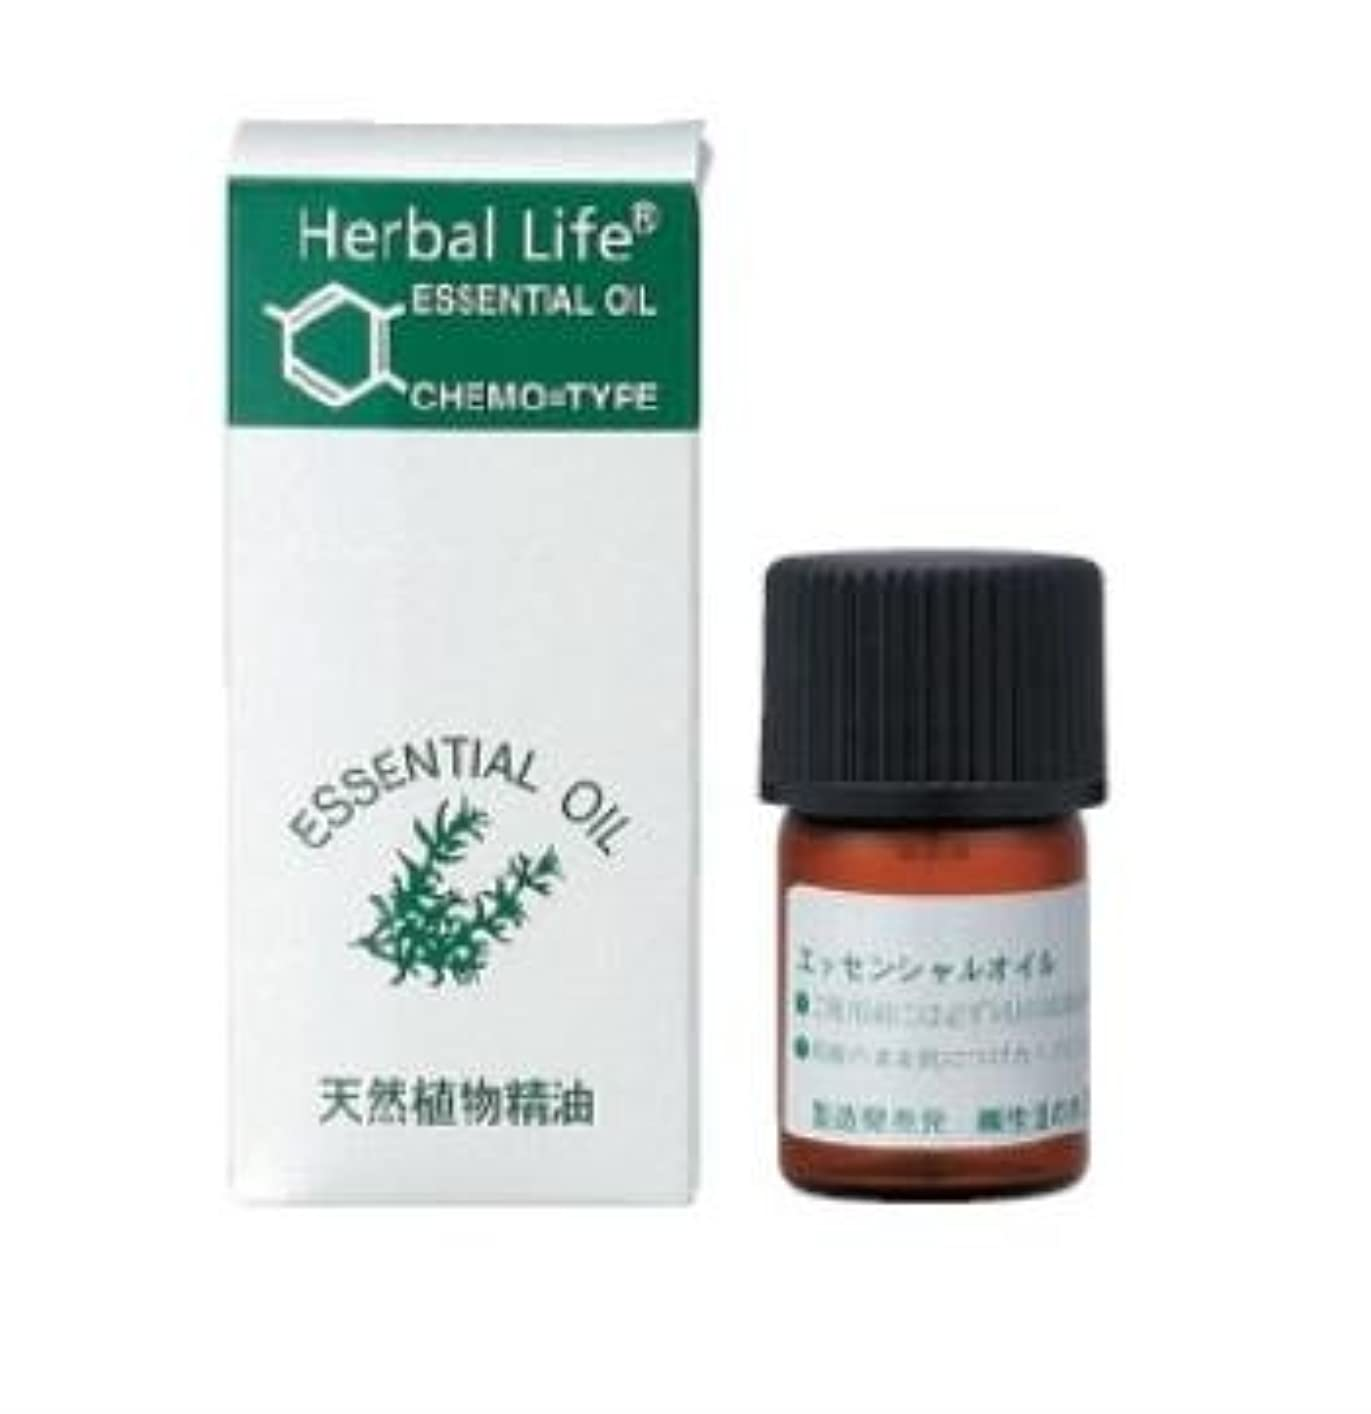 染色永久勘違いする生活の木 エッセンシャルオイル イランイラン 精油 3ml アロマオイル アロマ